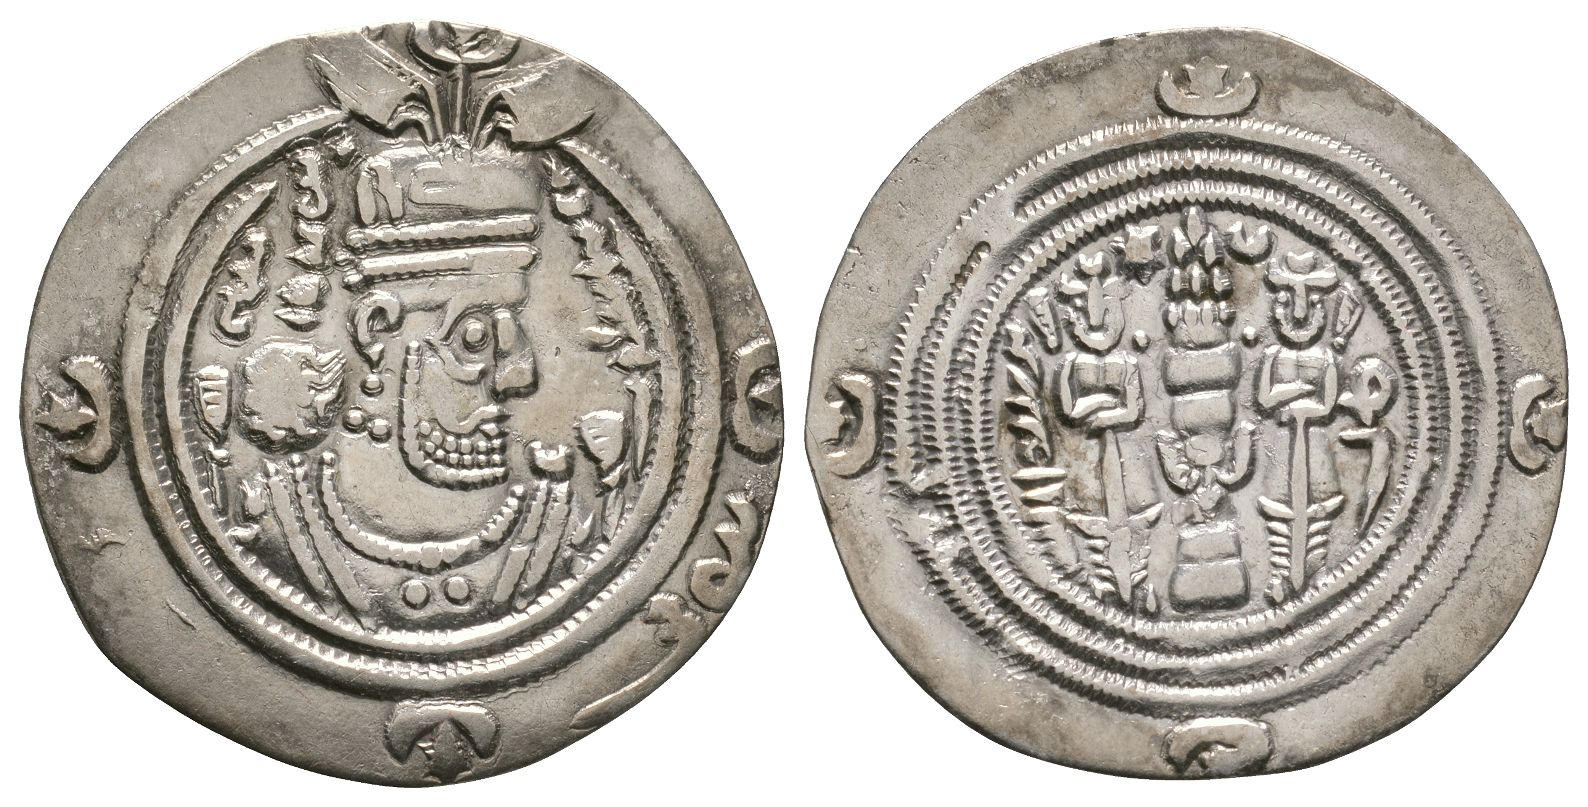 World Coins - Islamic - Arab-Sassanian - Tabararistan - Drachm